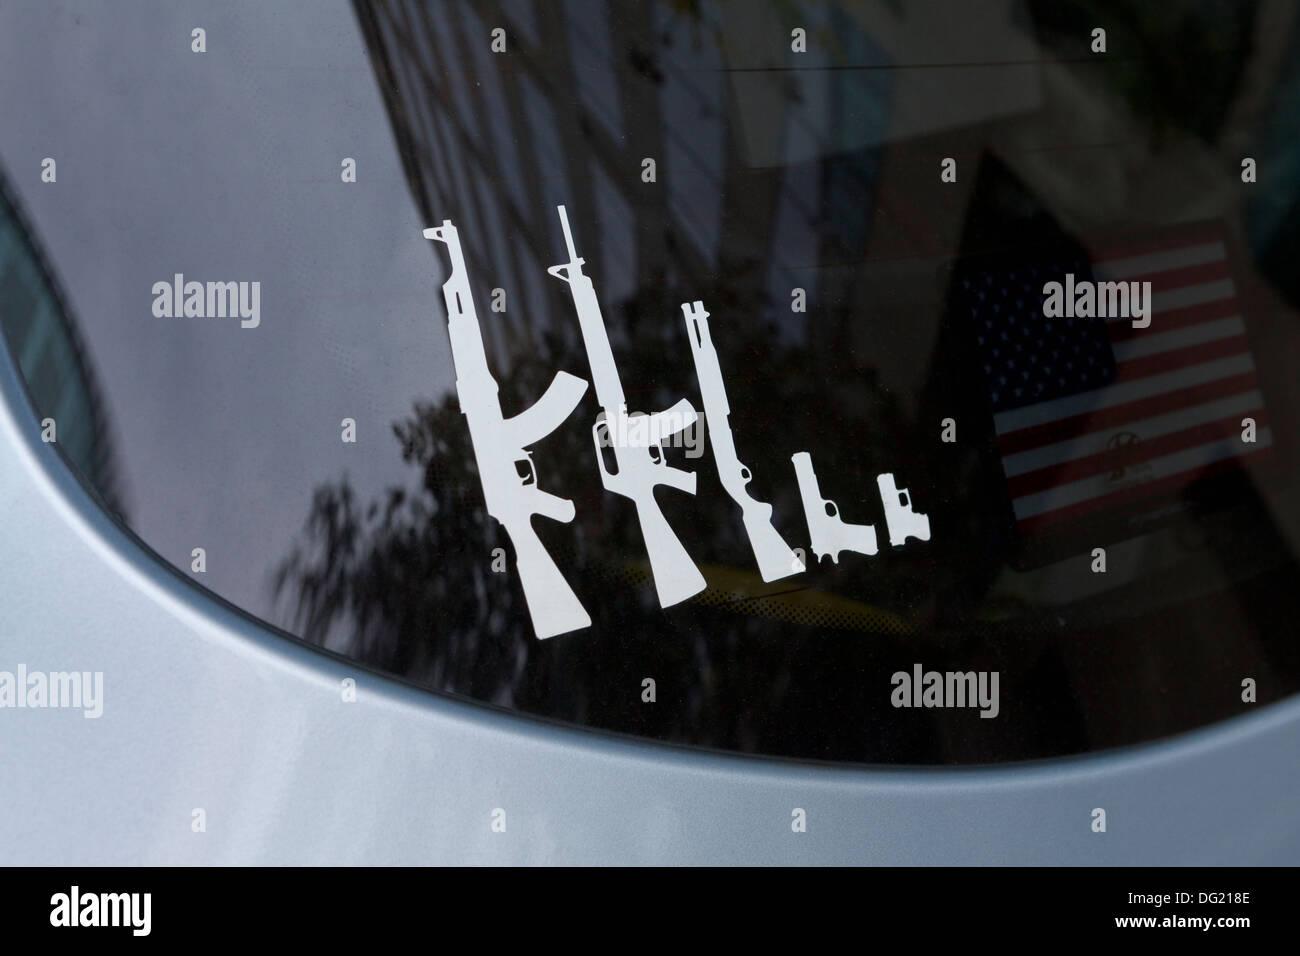 Pistole Familie Strichmännchen auf Heckscheibe - USA Stockbild